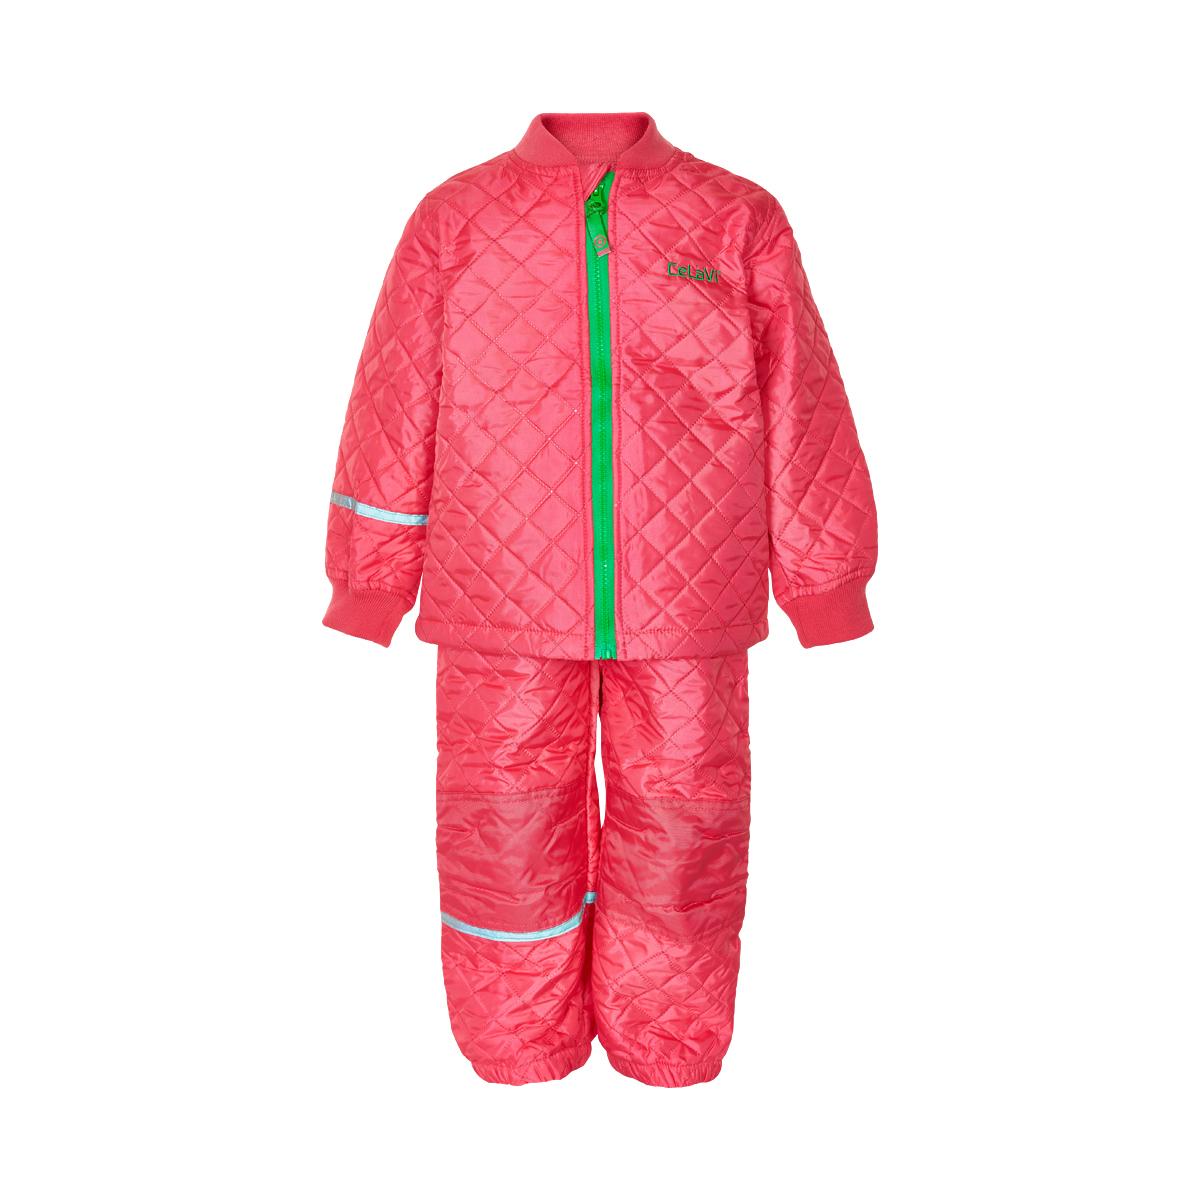 CeLaVi dětský termo oblek 3555-421